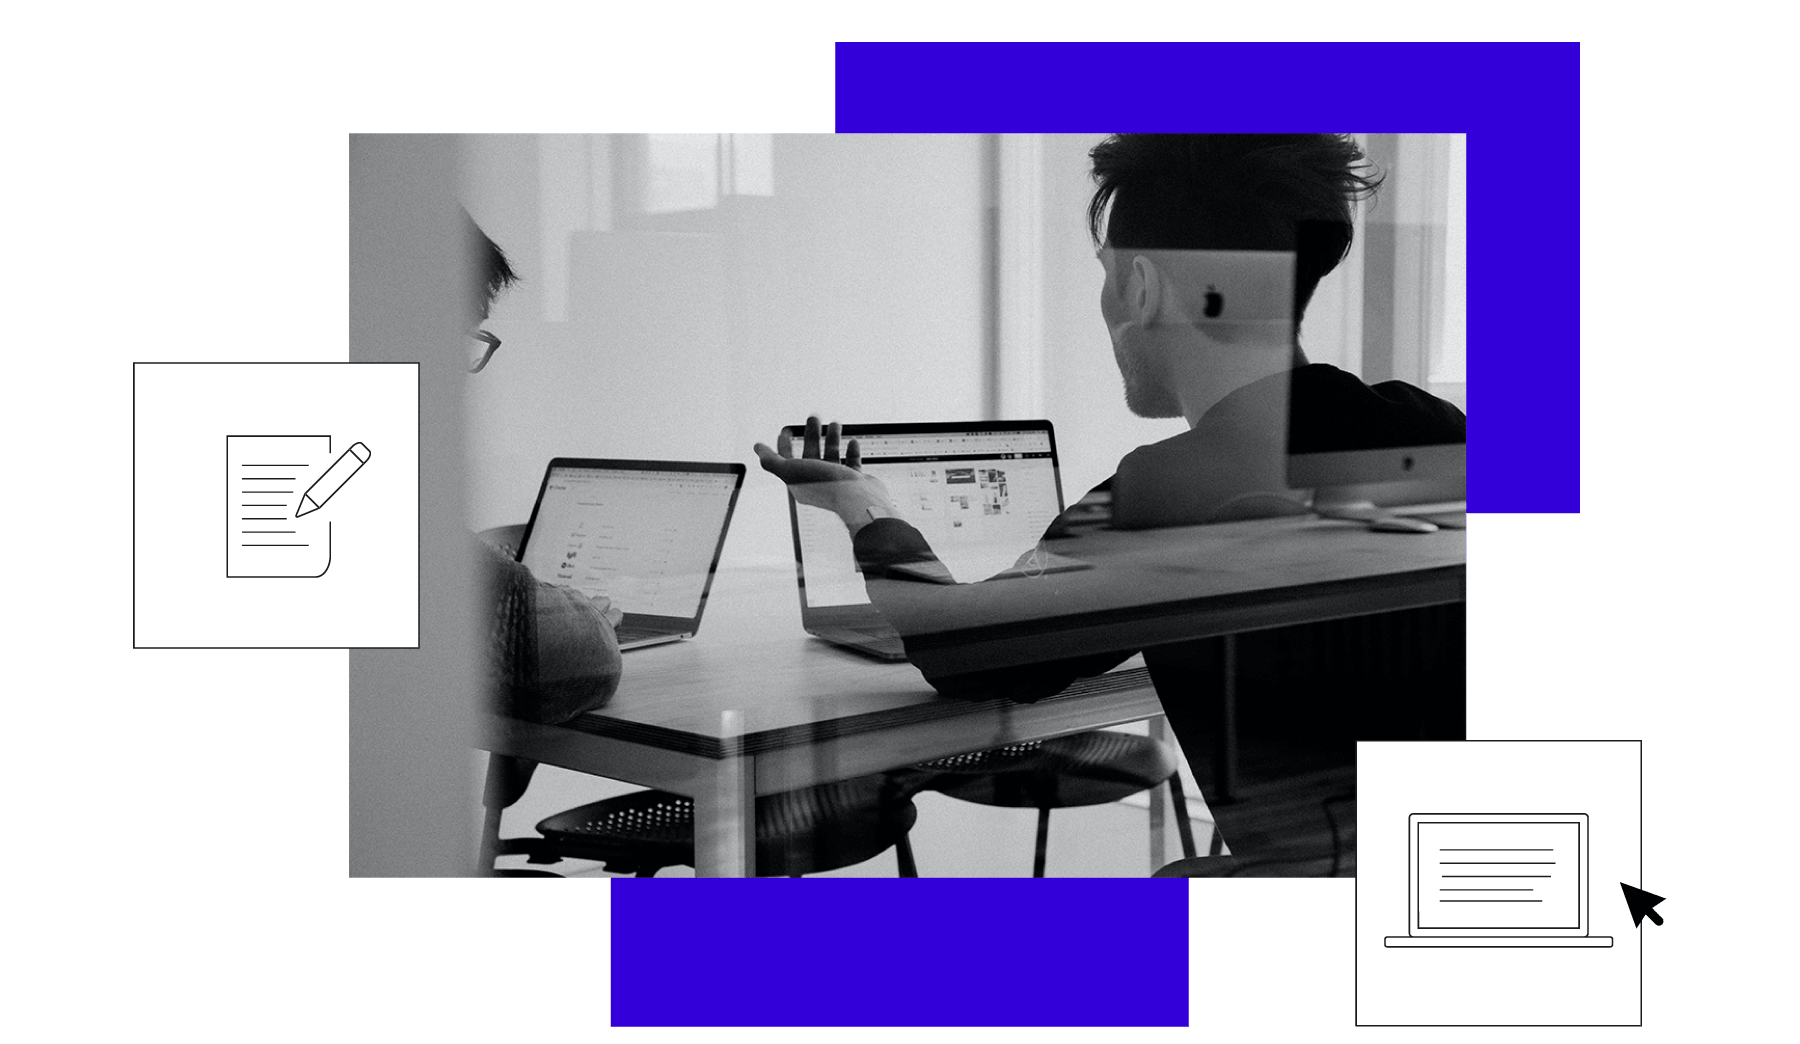 Bild von zwei Männern, die am Computer arbeiten